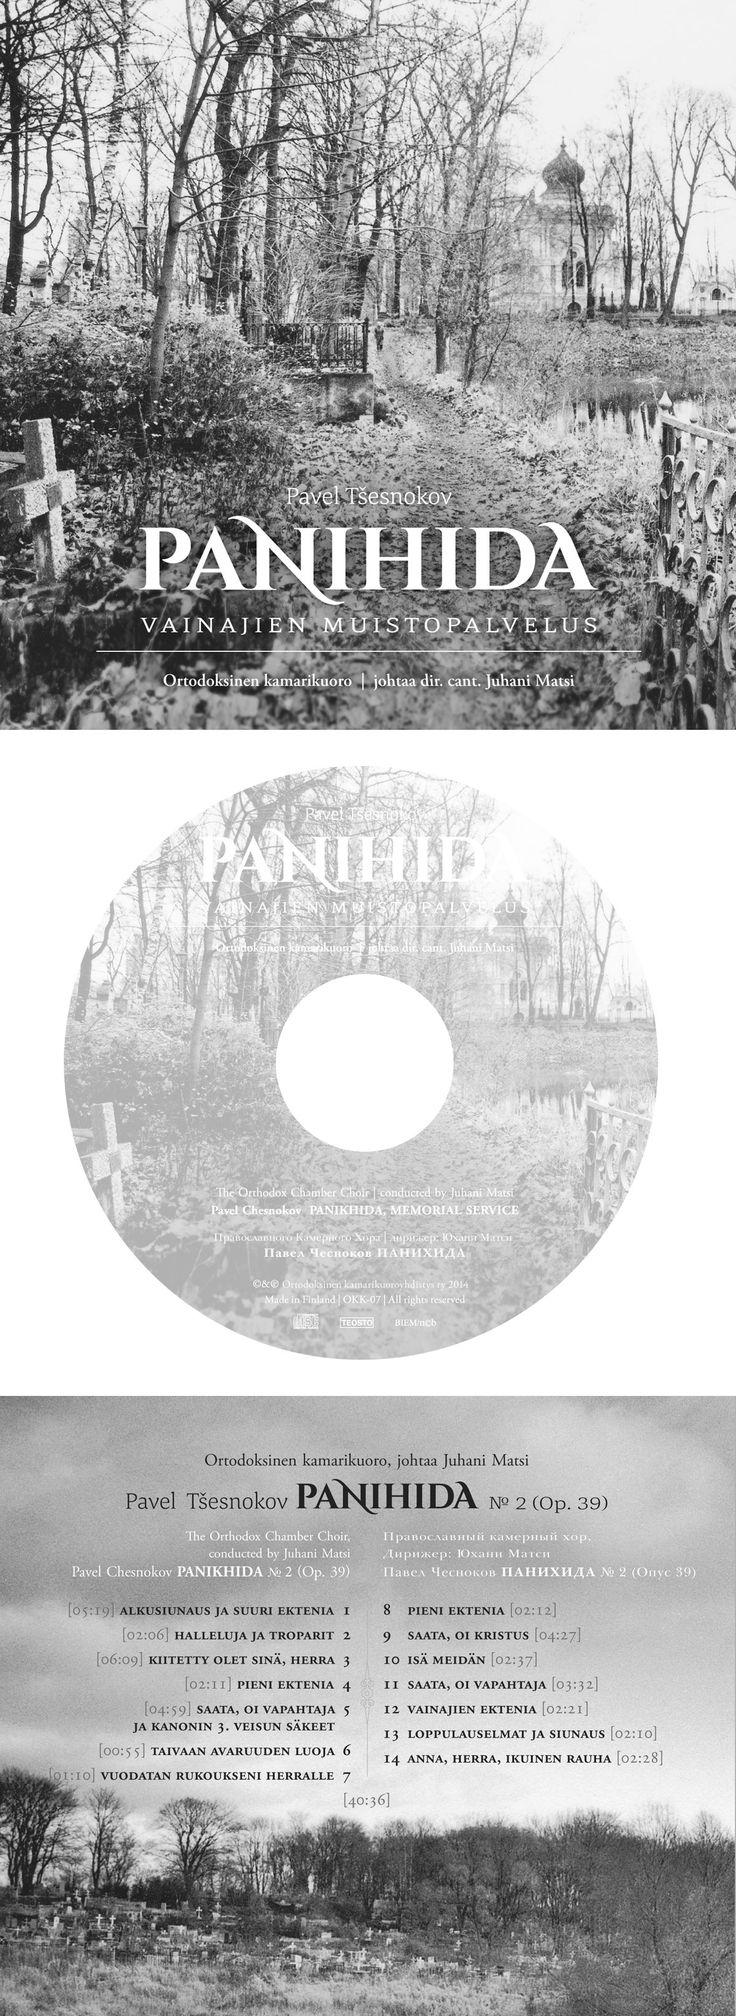 CD-levyn ulkoasun suunnittelu, Ortodoksinen Kamarikuoro